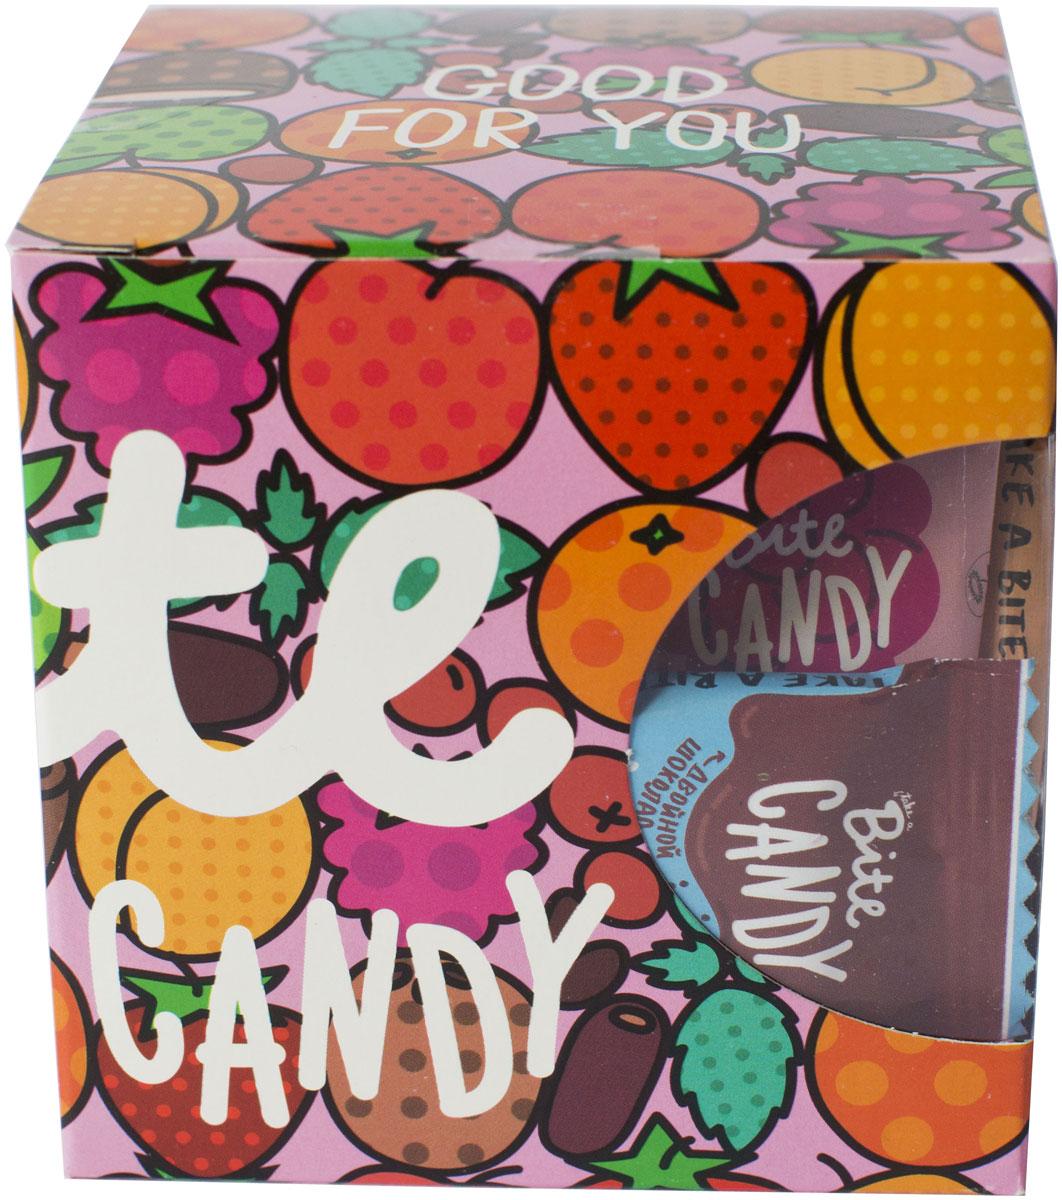 Bite Candy набор фруктово-ягодных батончиков розовый, 120 г love bite